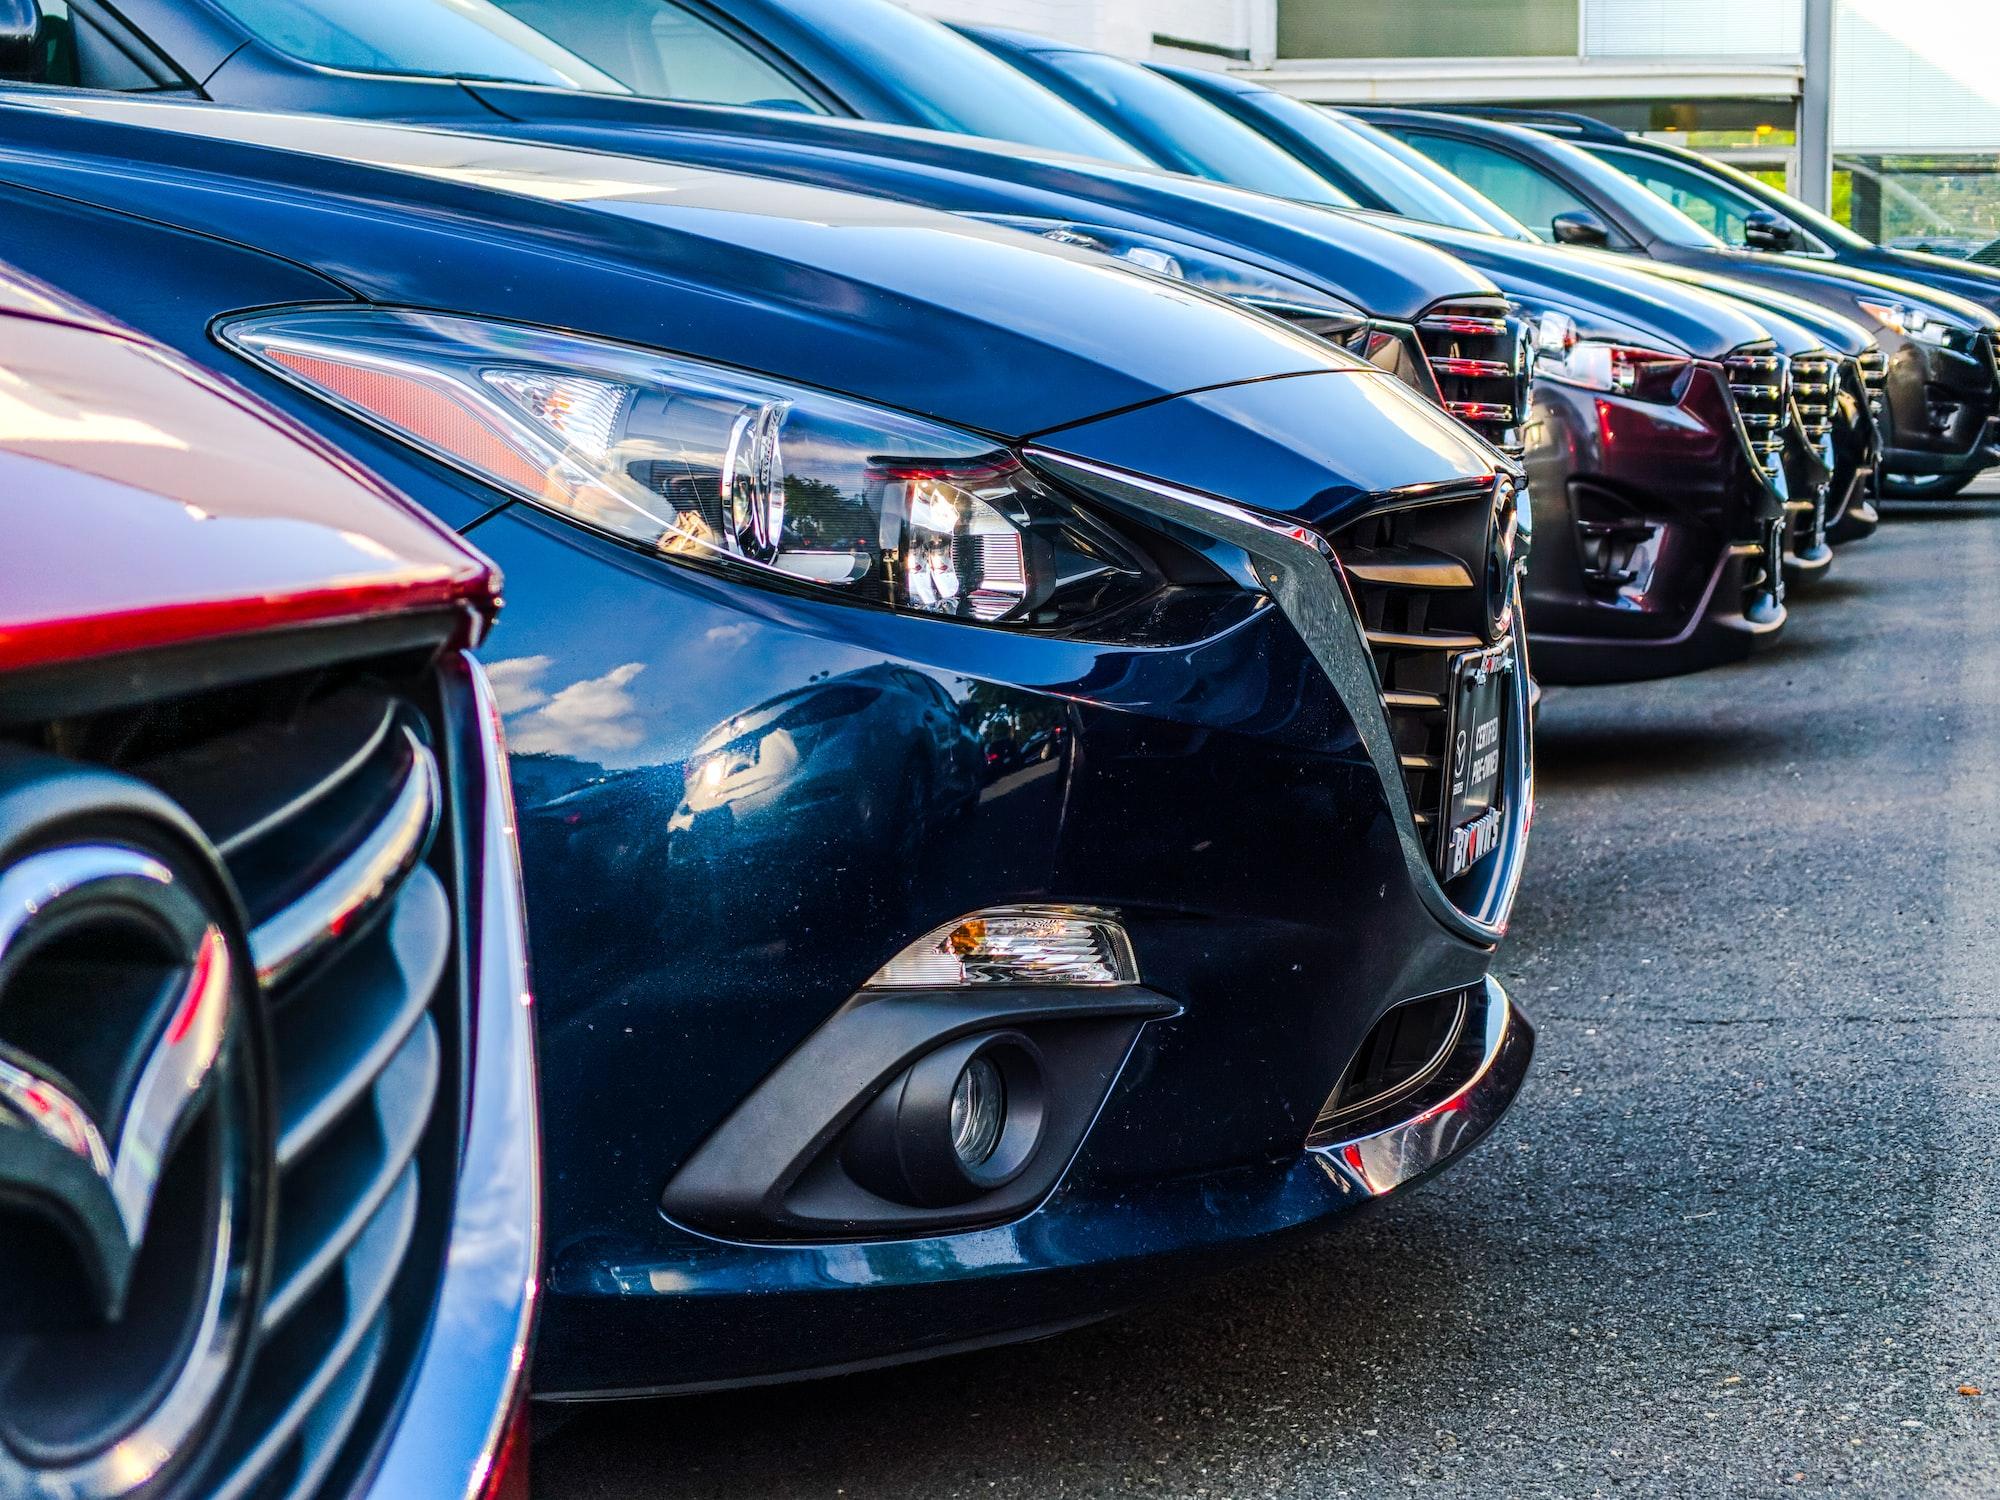 Dossier : trouver la bonne assurance auto